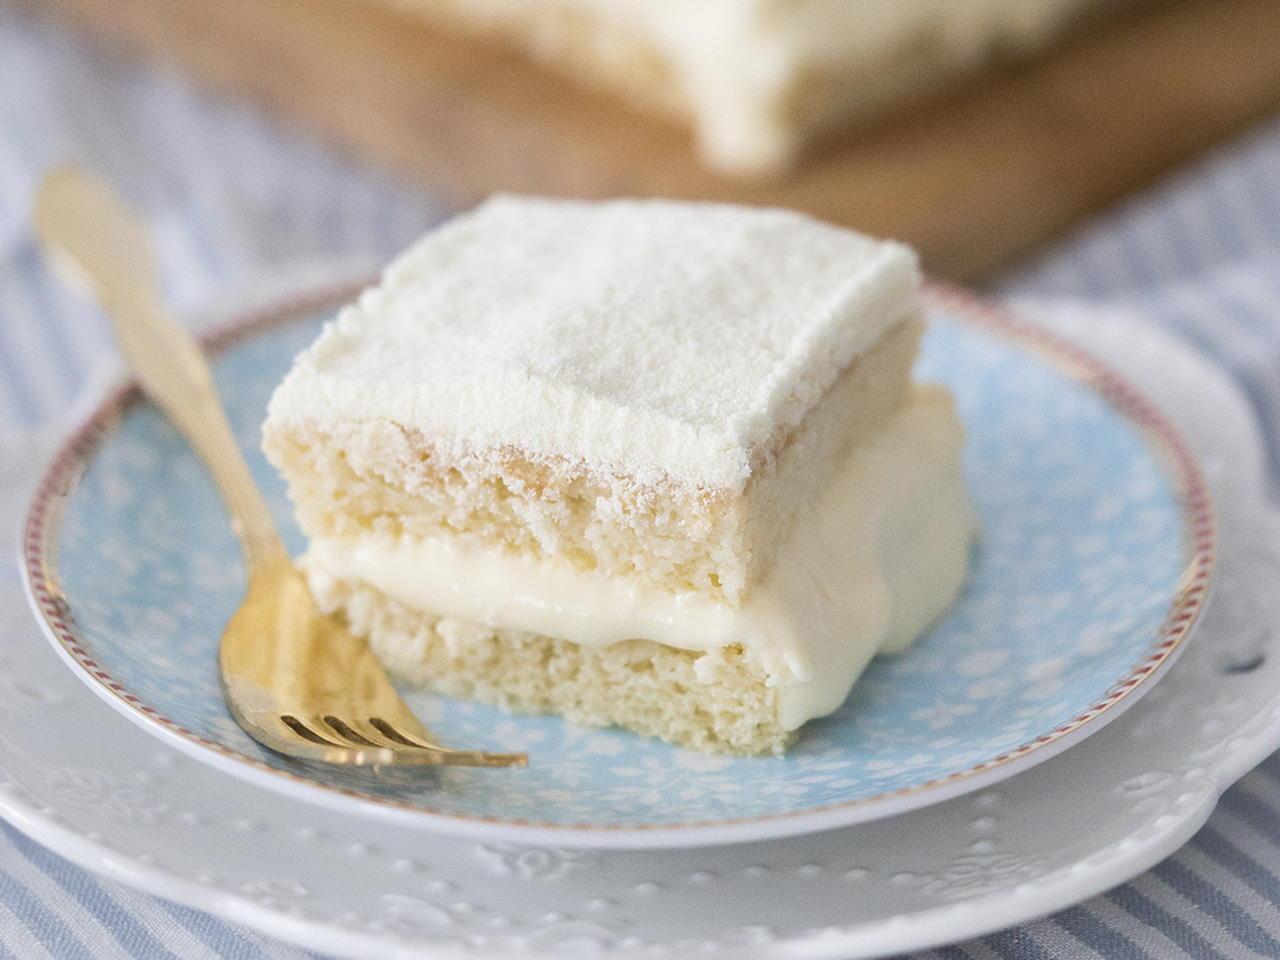 recheio de leite ninho para bolo de aniversário